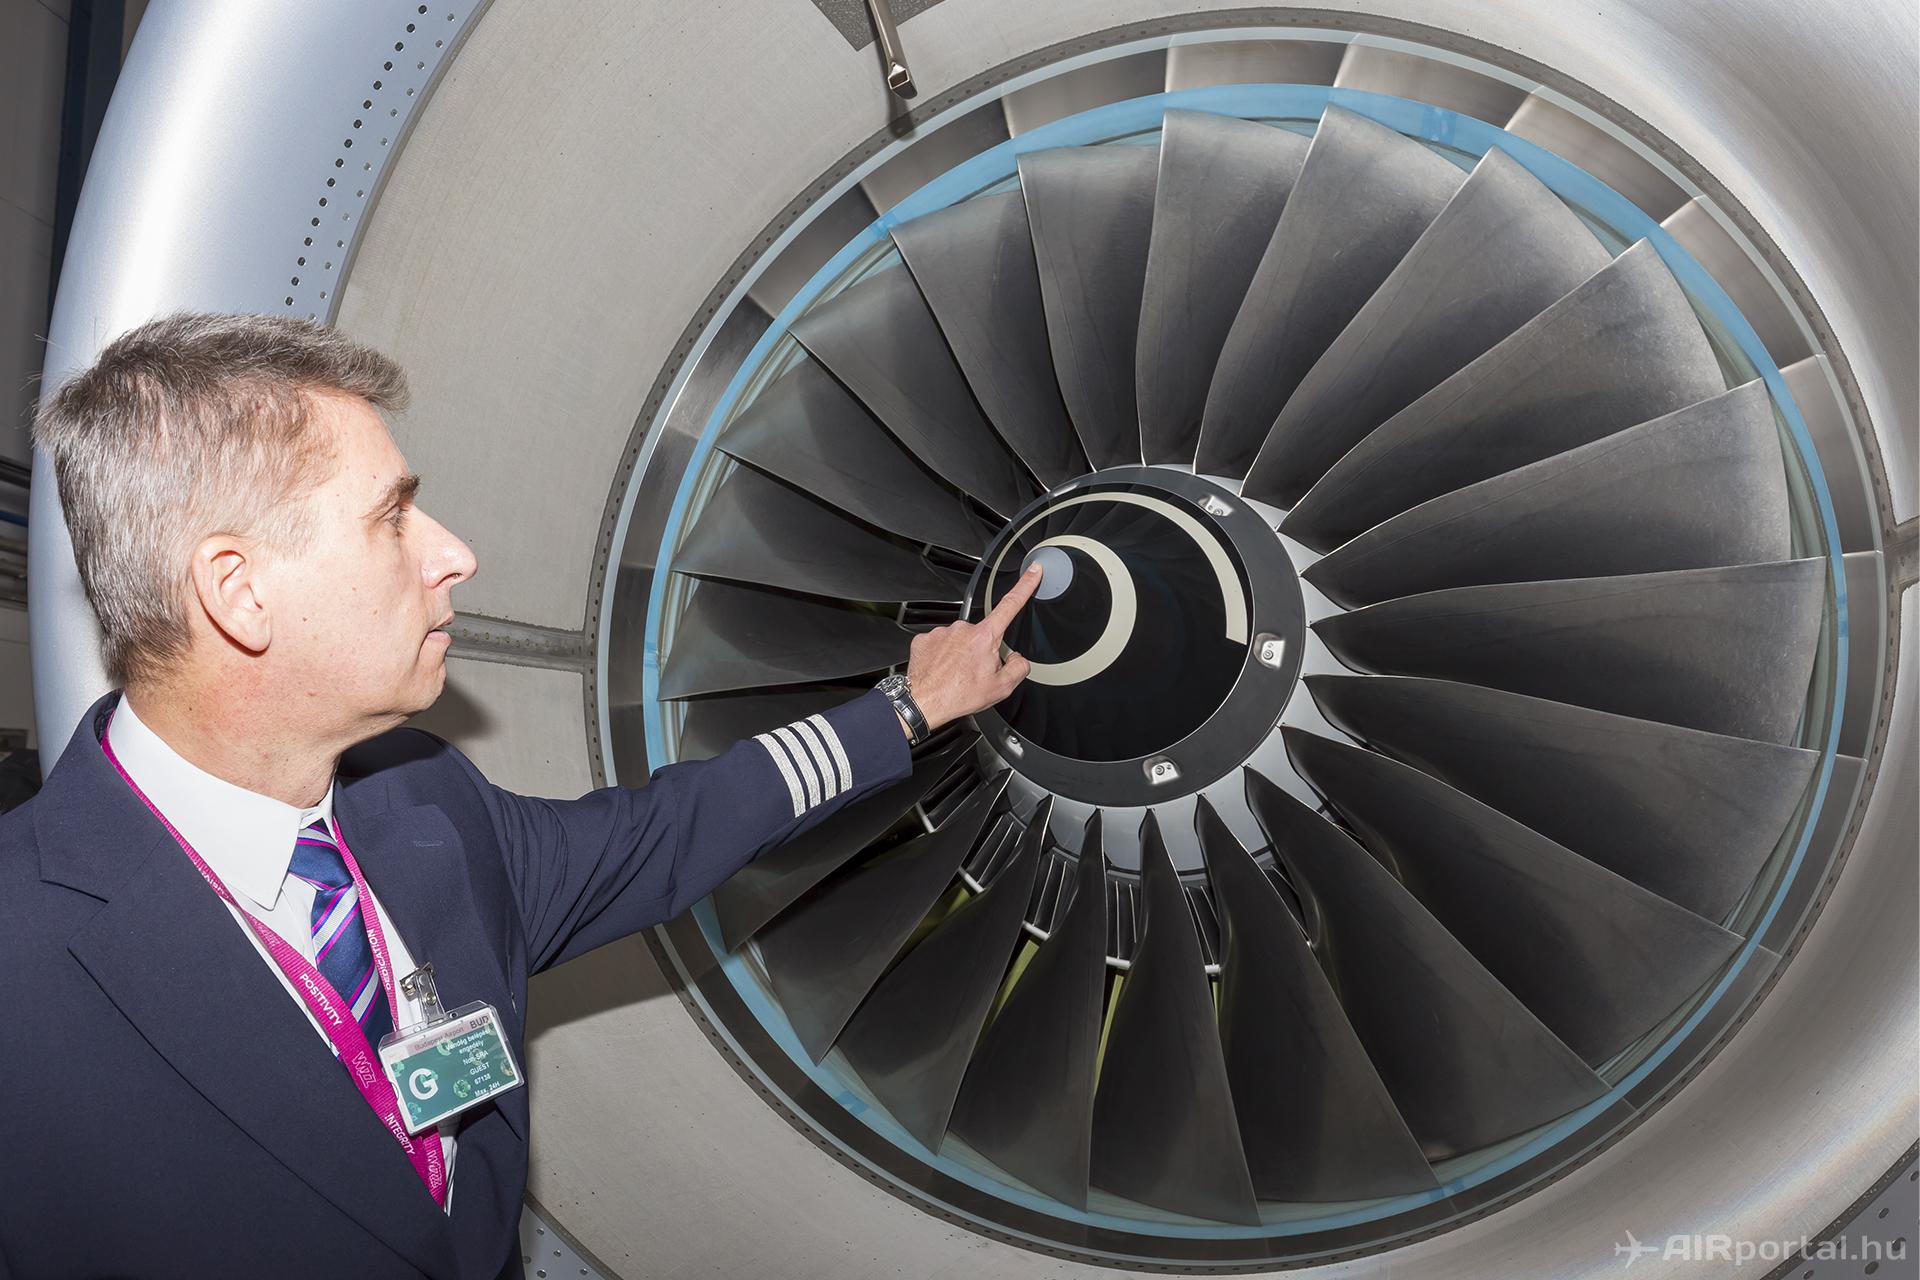 Szabó Zoltán a Wizz Air repülési igazgatója. | © AIRportal.hu